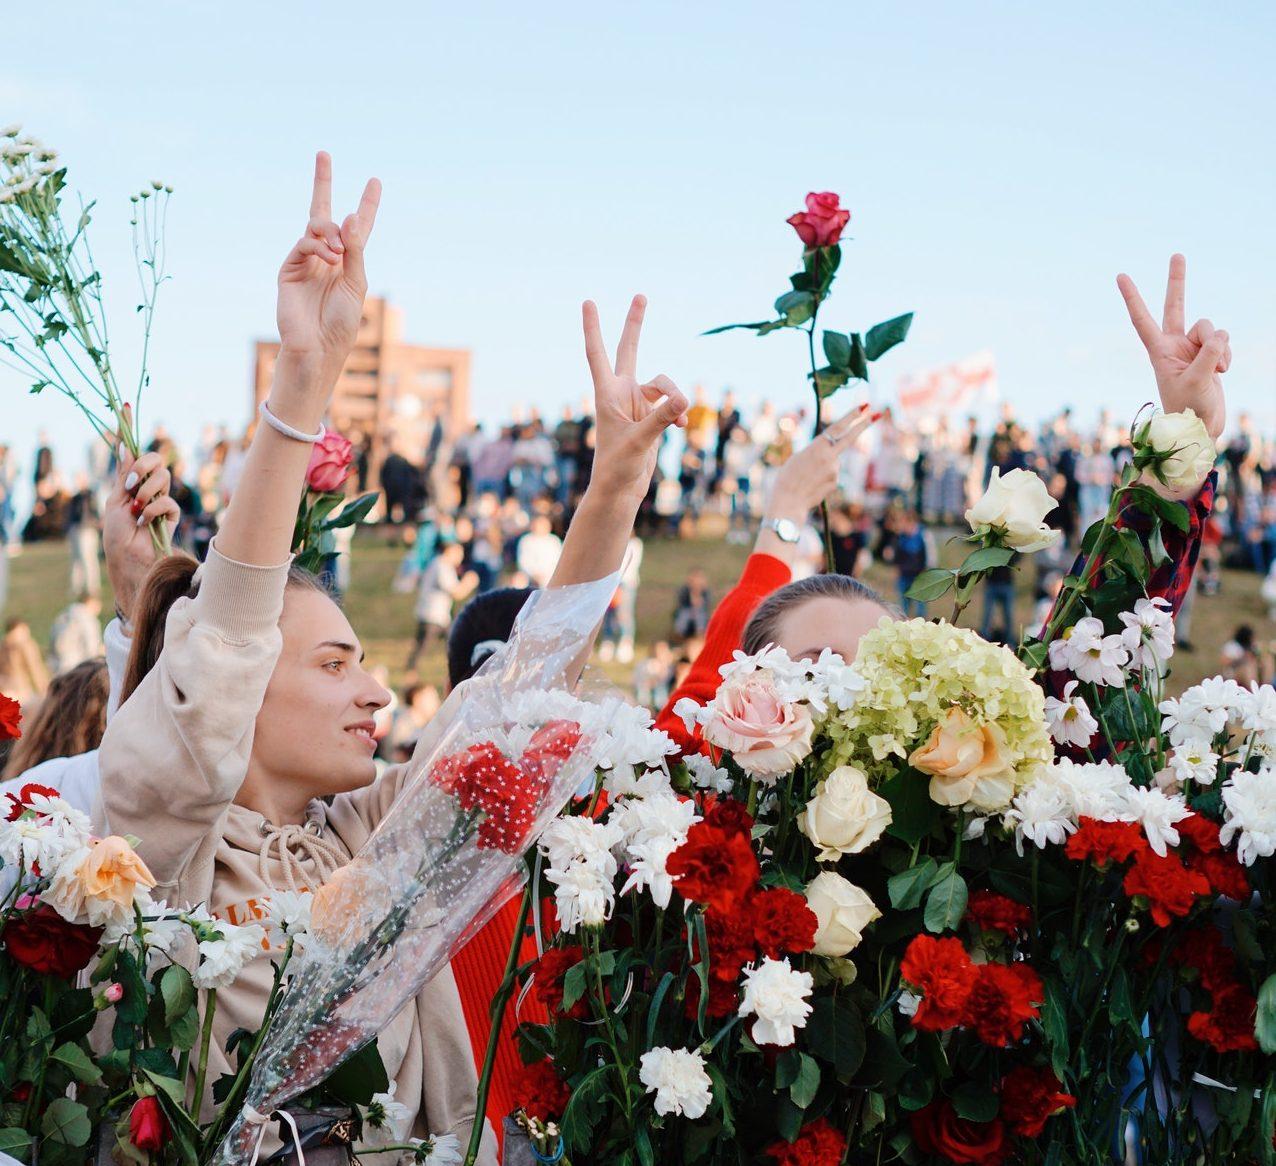 Segen für unsere Schwestern in Belarus – jetzt umso mehr